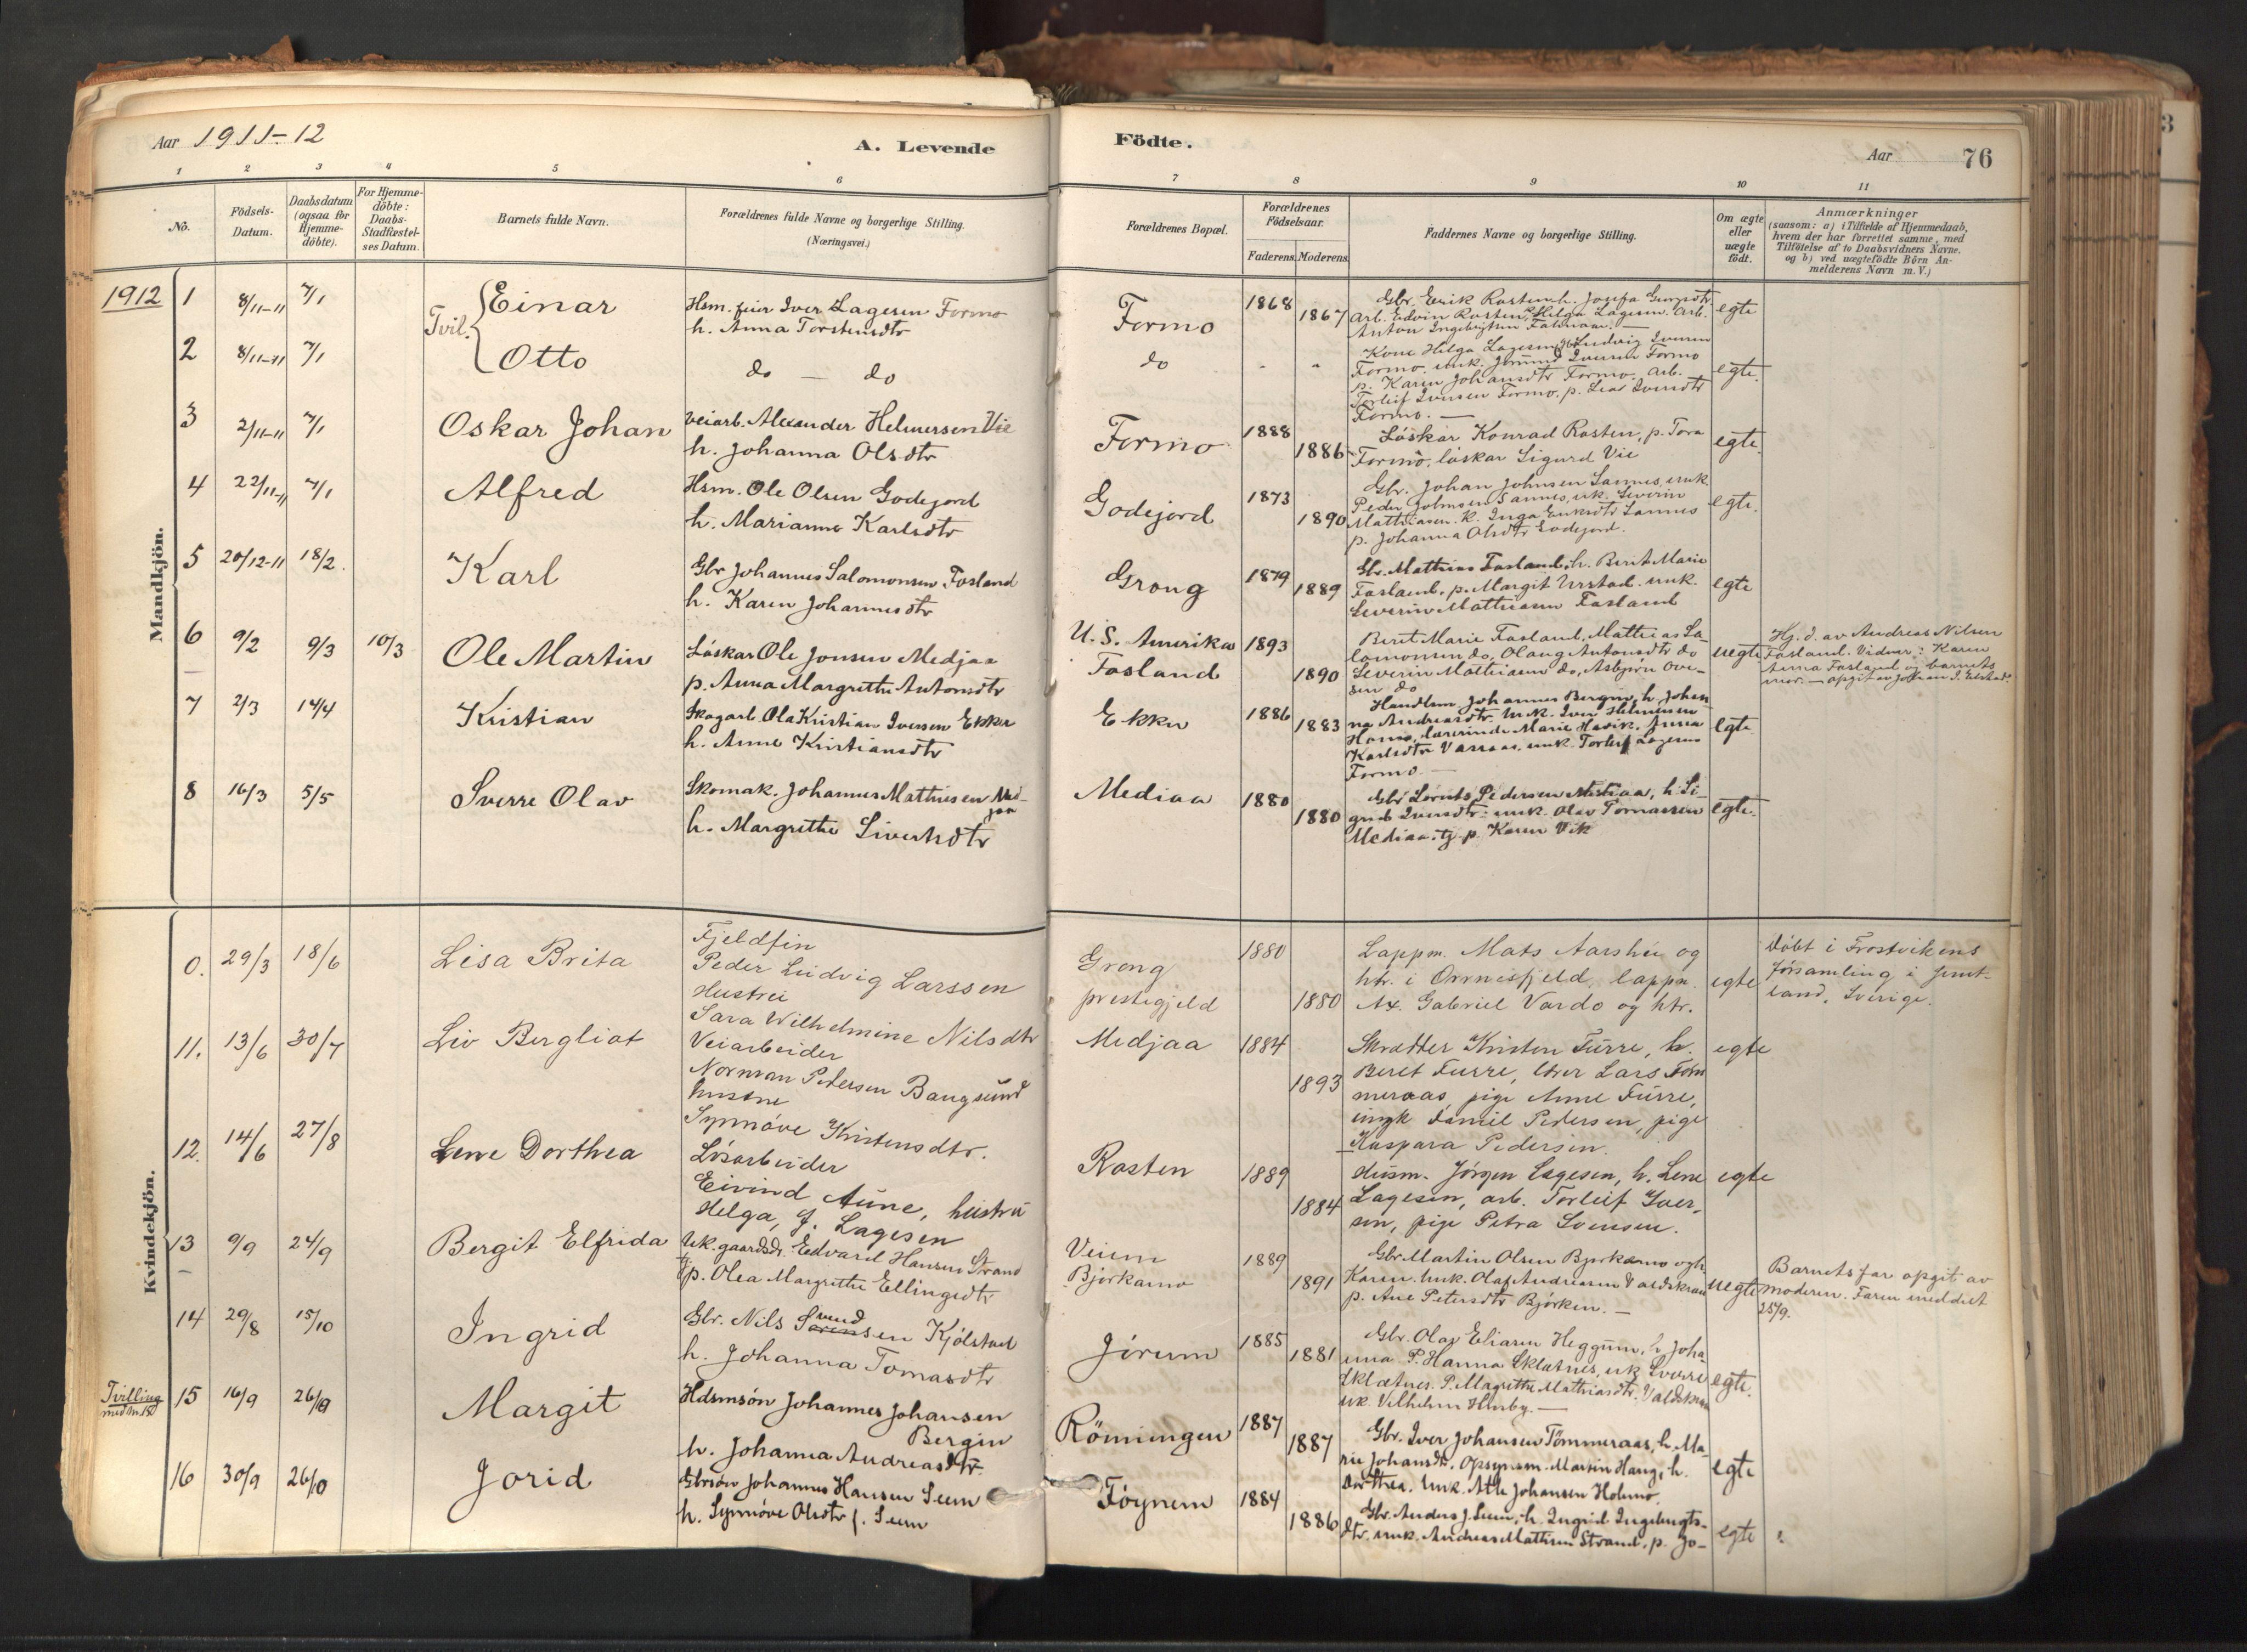 SAT, Ministerialprotokoller, klokkerbøker og fødselsregistre - Nord-Trøndelag, 758/L0519: Ministerialbok nr. 758A04, 1880-1926, s. 76